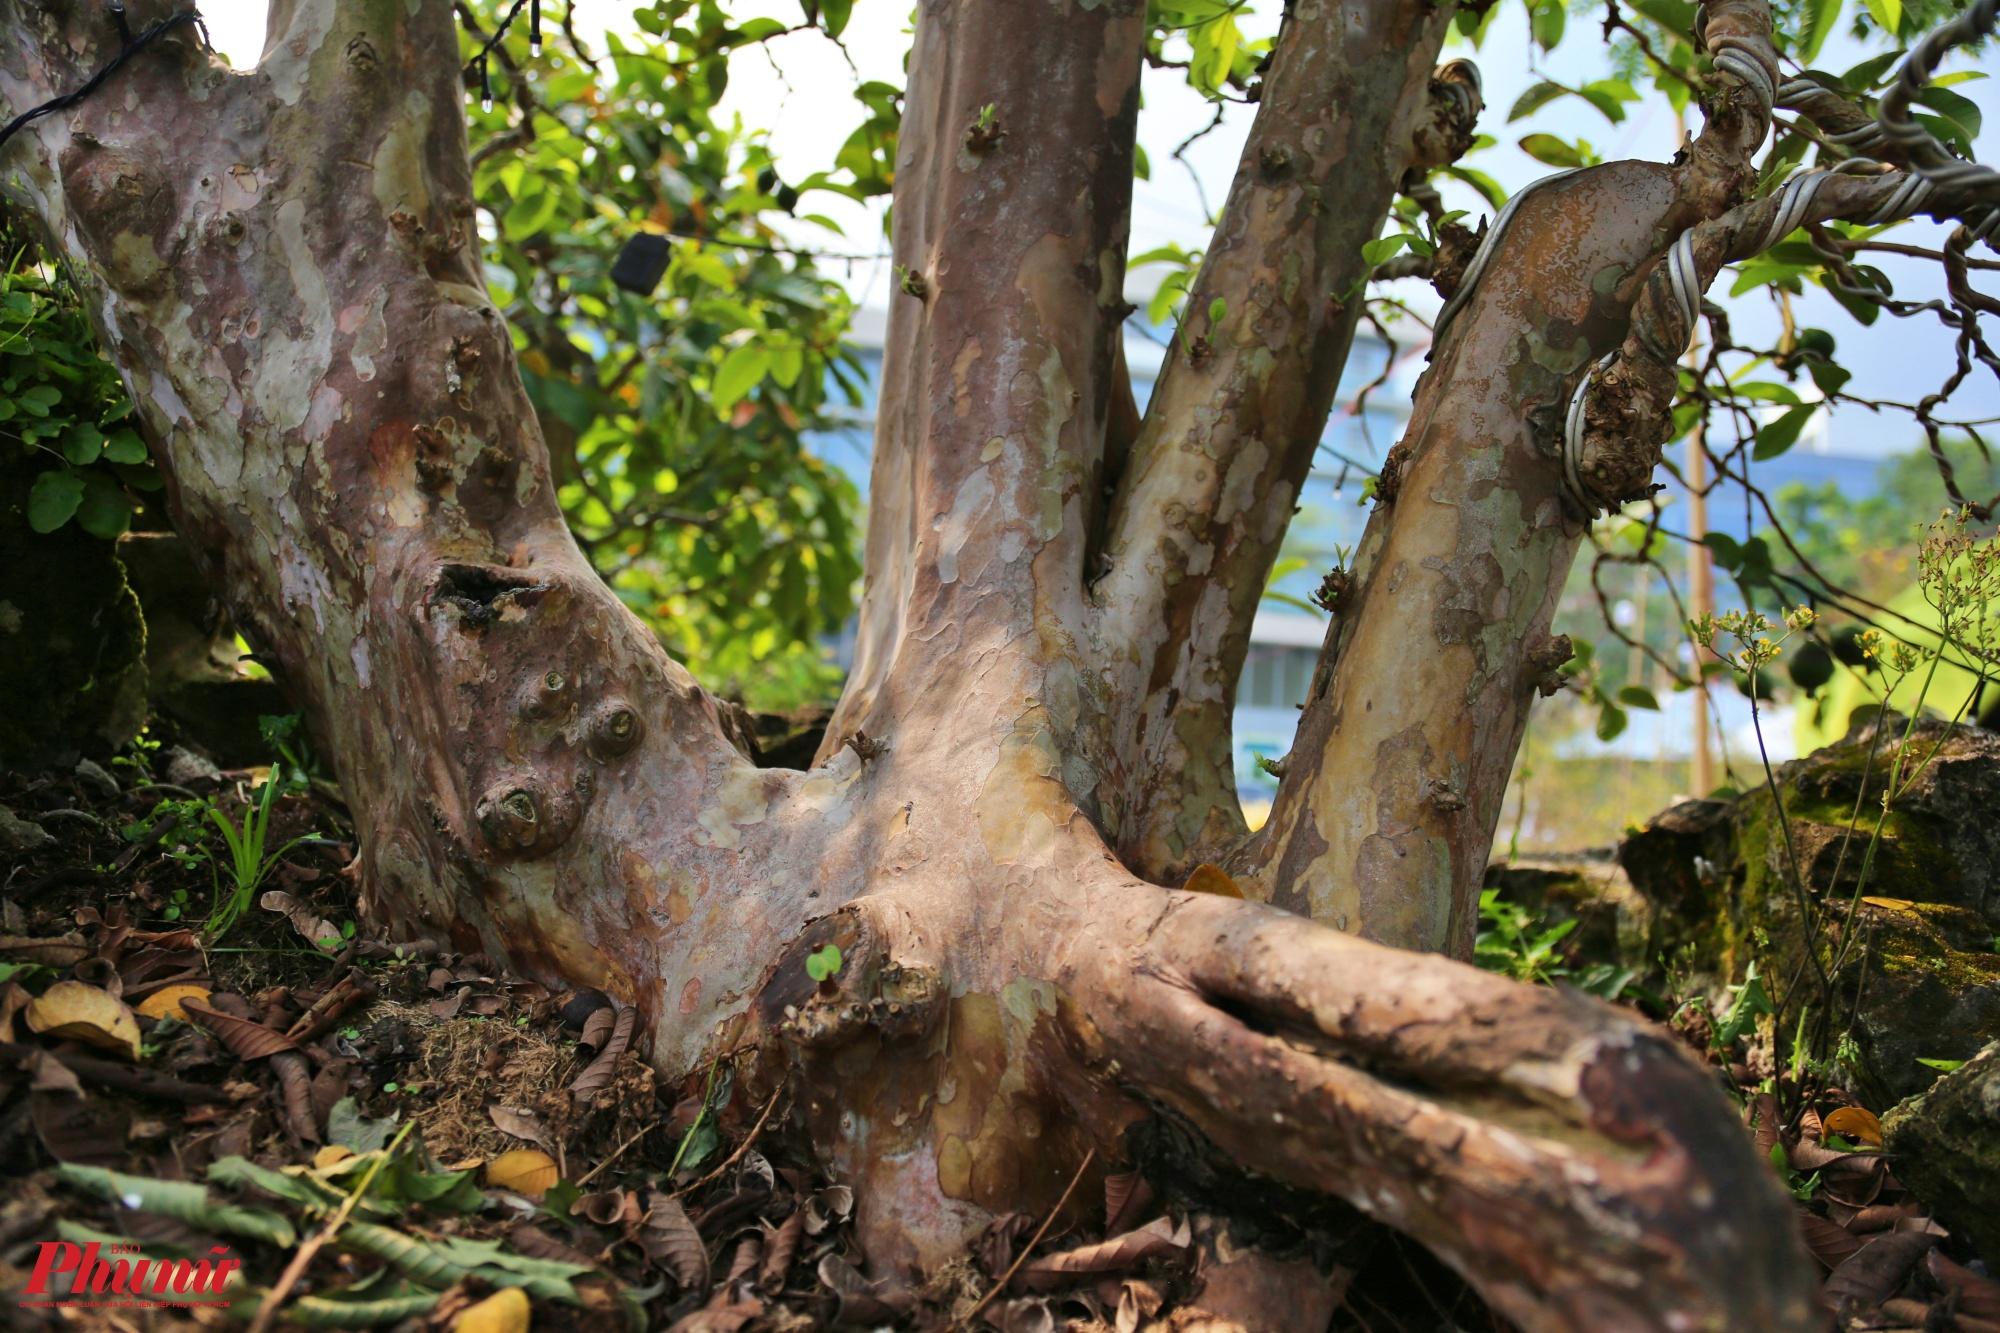 Theo kinh nghiệm chơi kiểng cho biết những cây nào càng xù xì, có nhiều vết tích thì lại càng giá trị và được trả giá cao hơn.